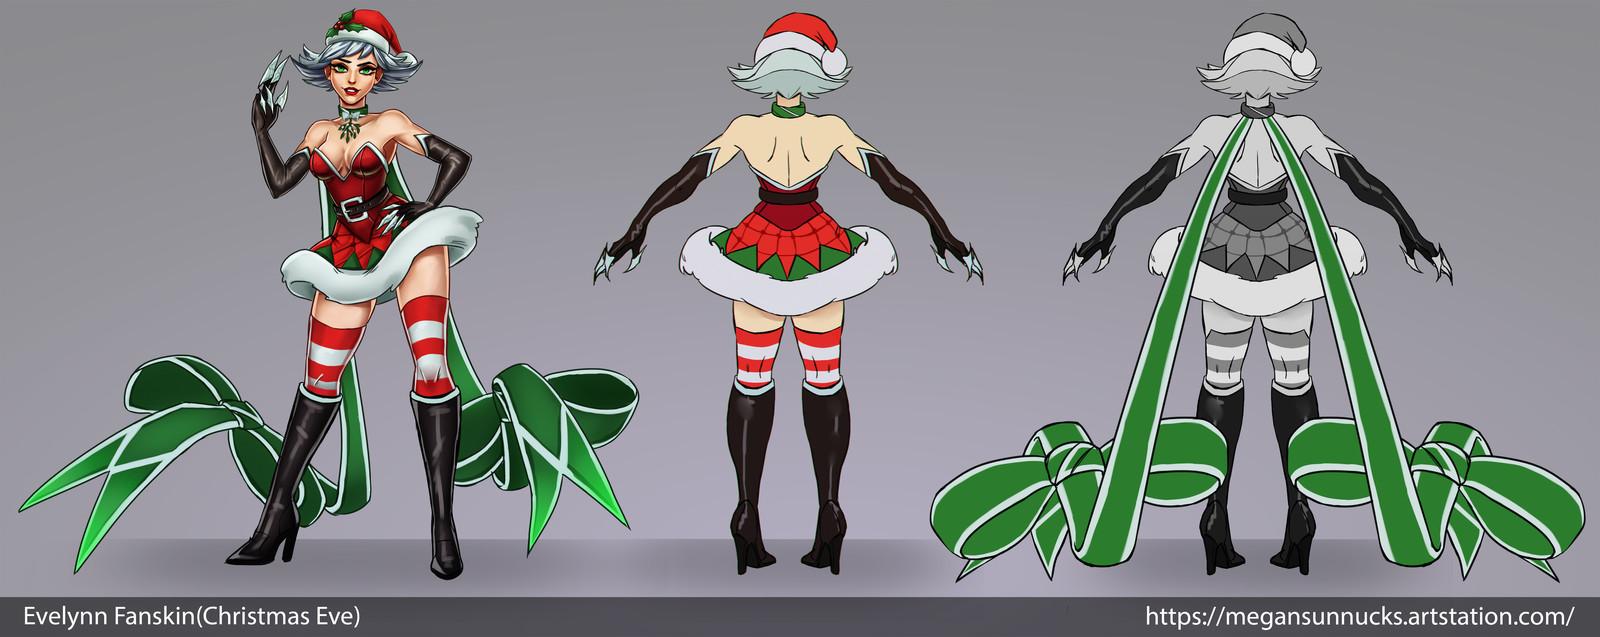 Christmas Eve(Evelynn Fanskin) - Concept sheet